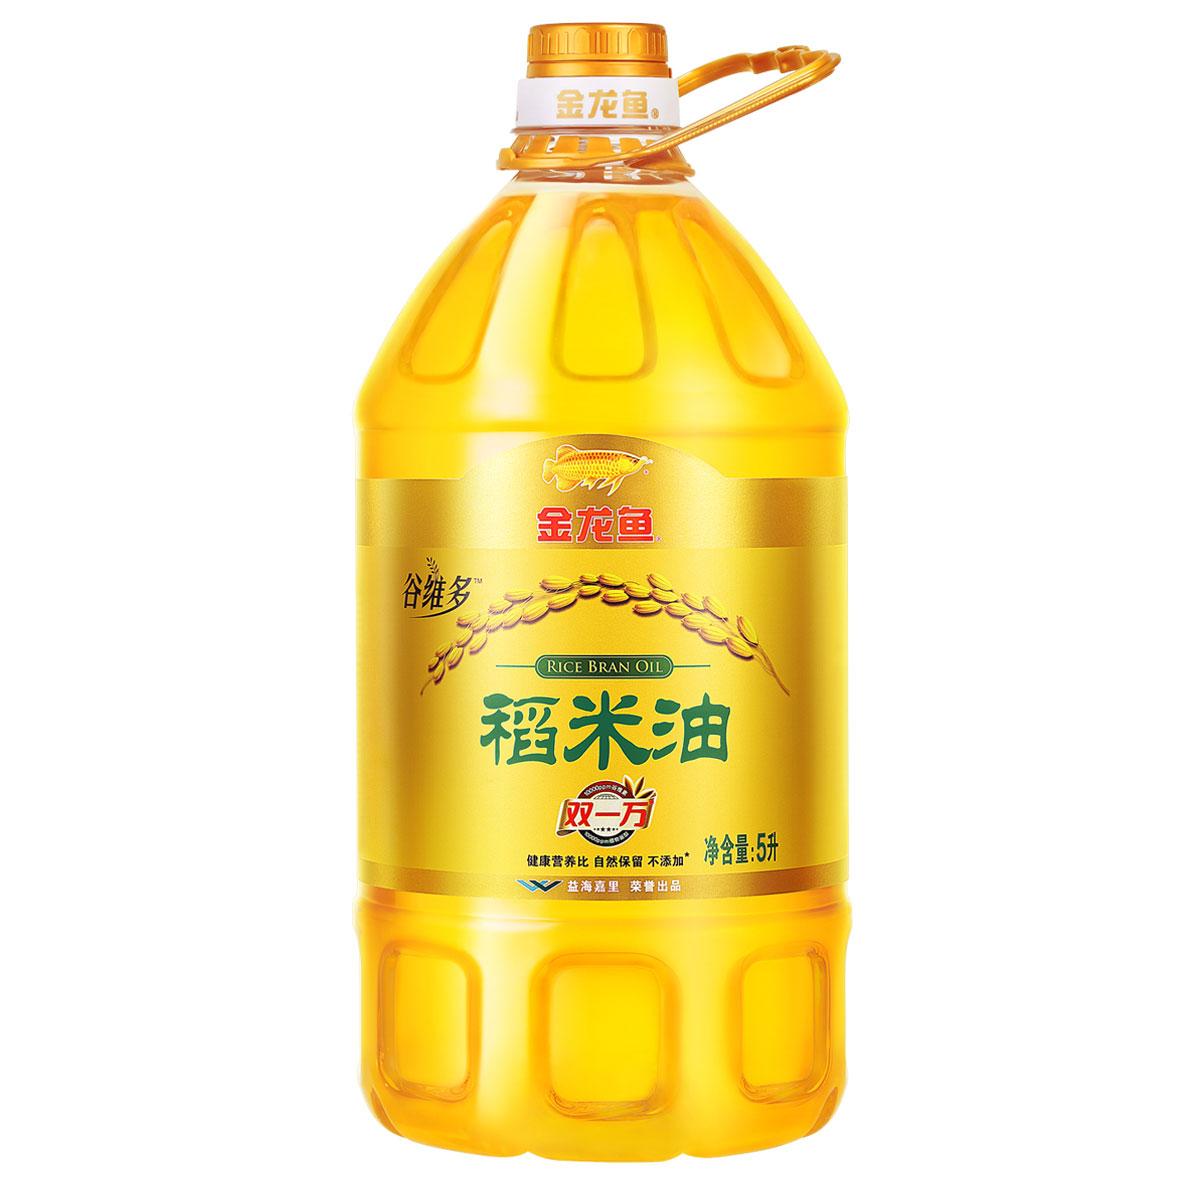 稻米油 双10000 金龙鱼稻米油 5L